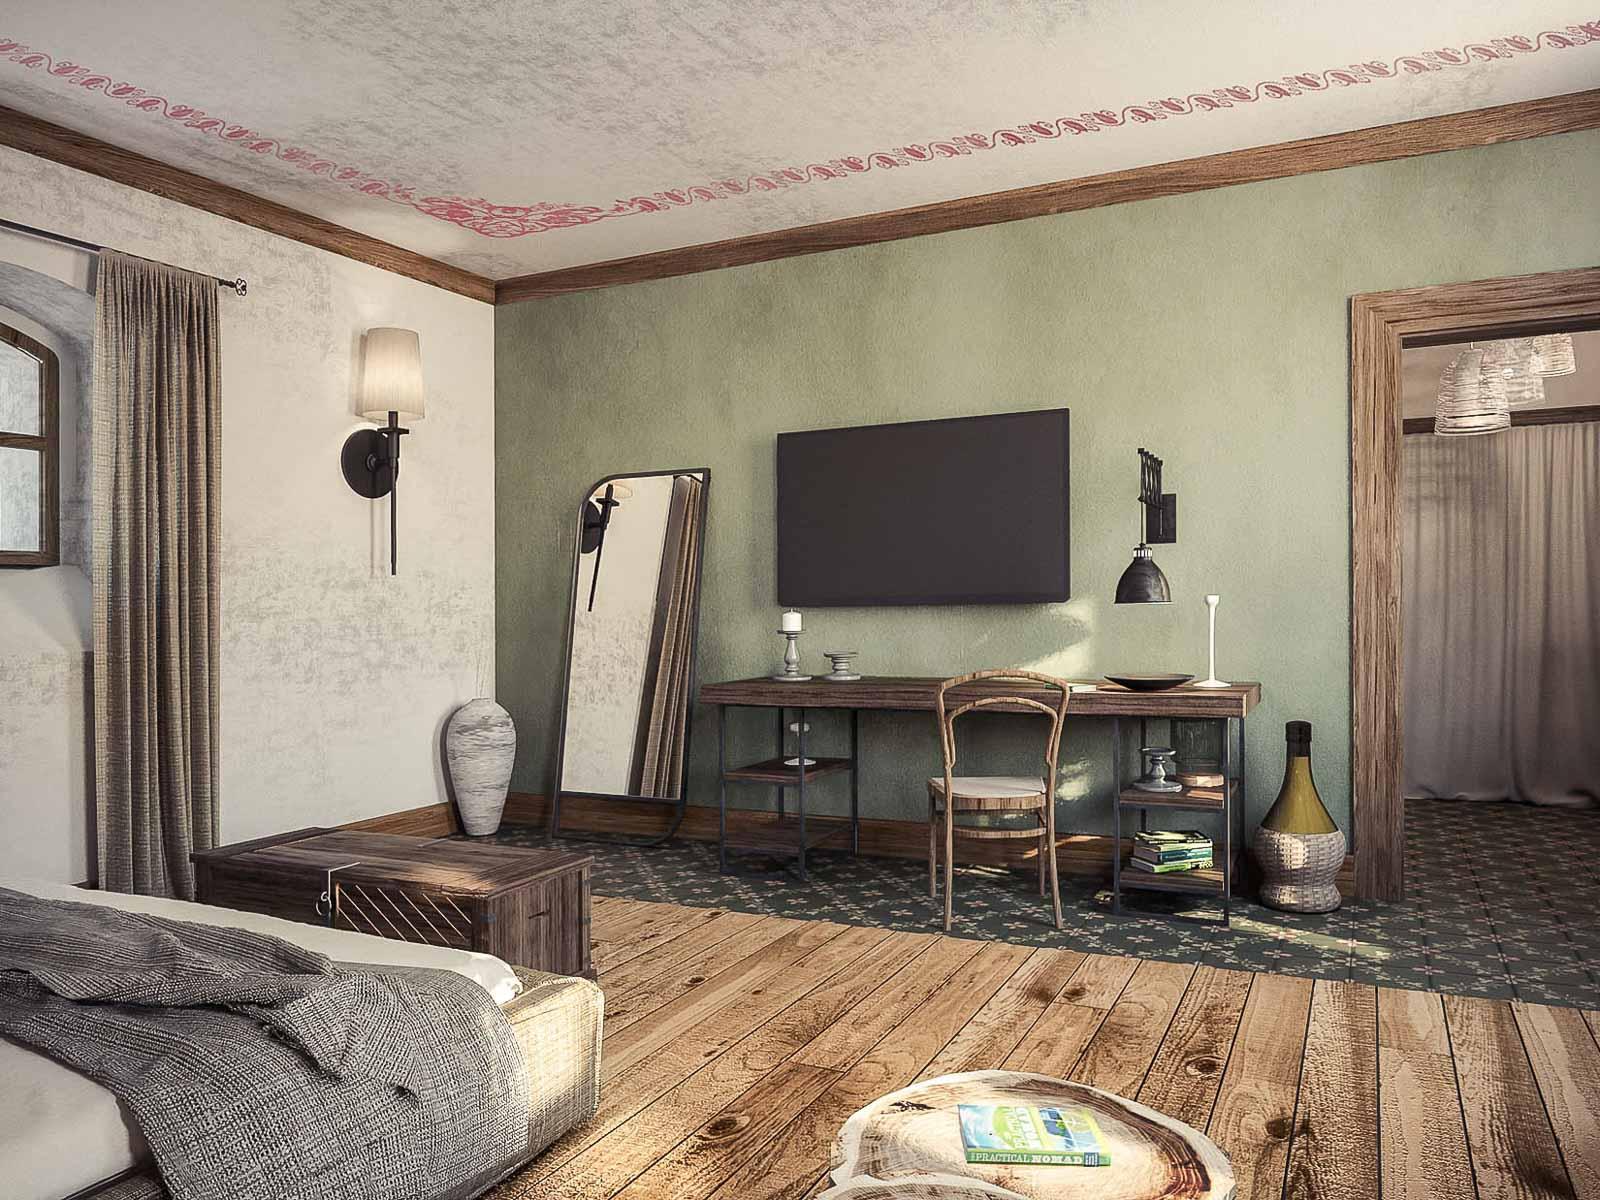 Rustic hotel interior